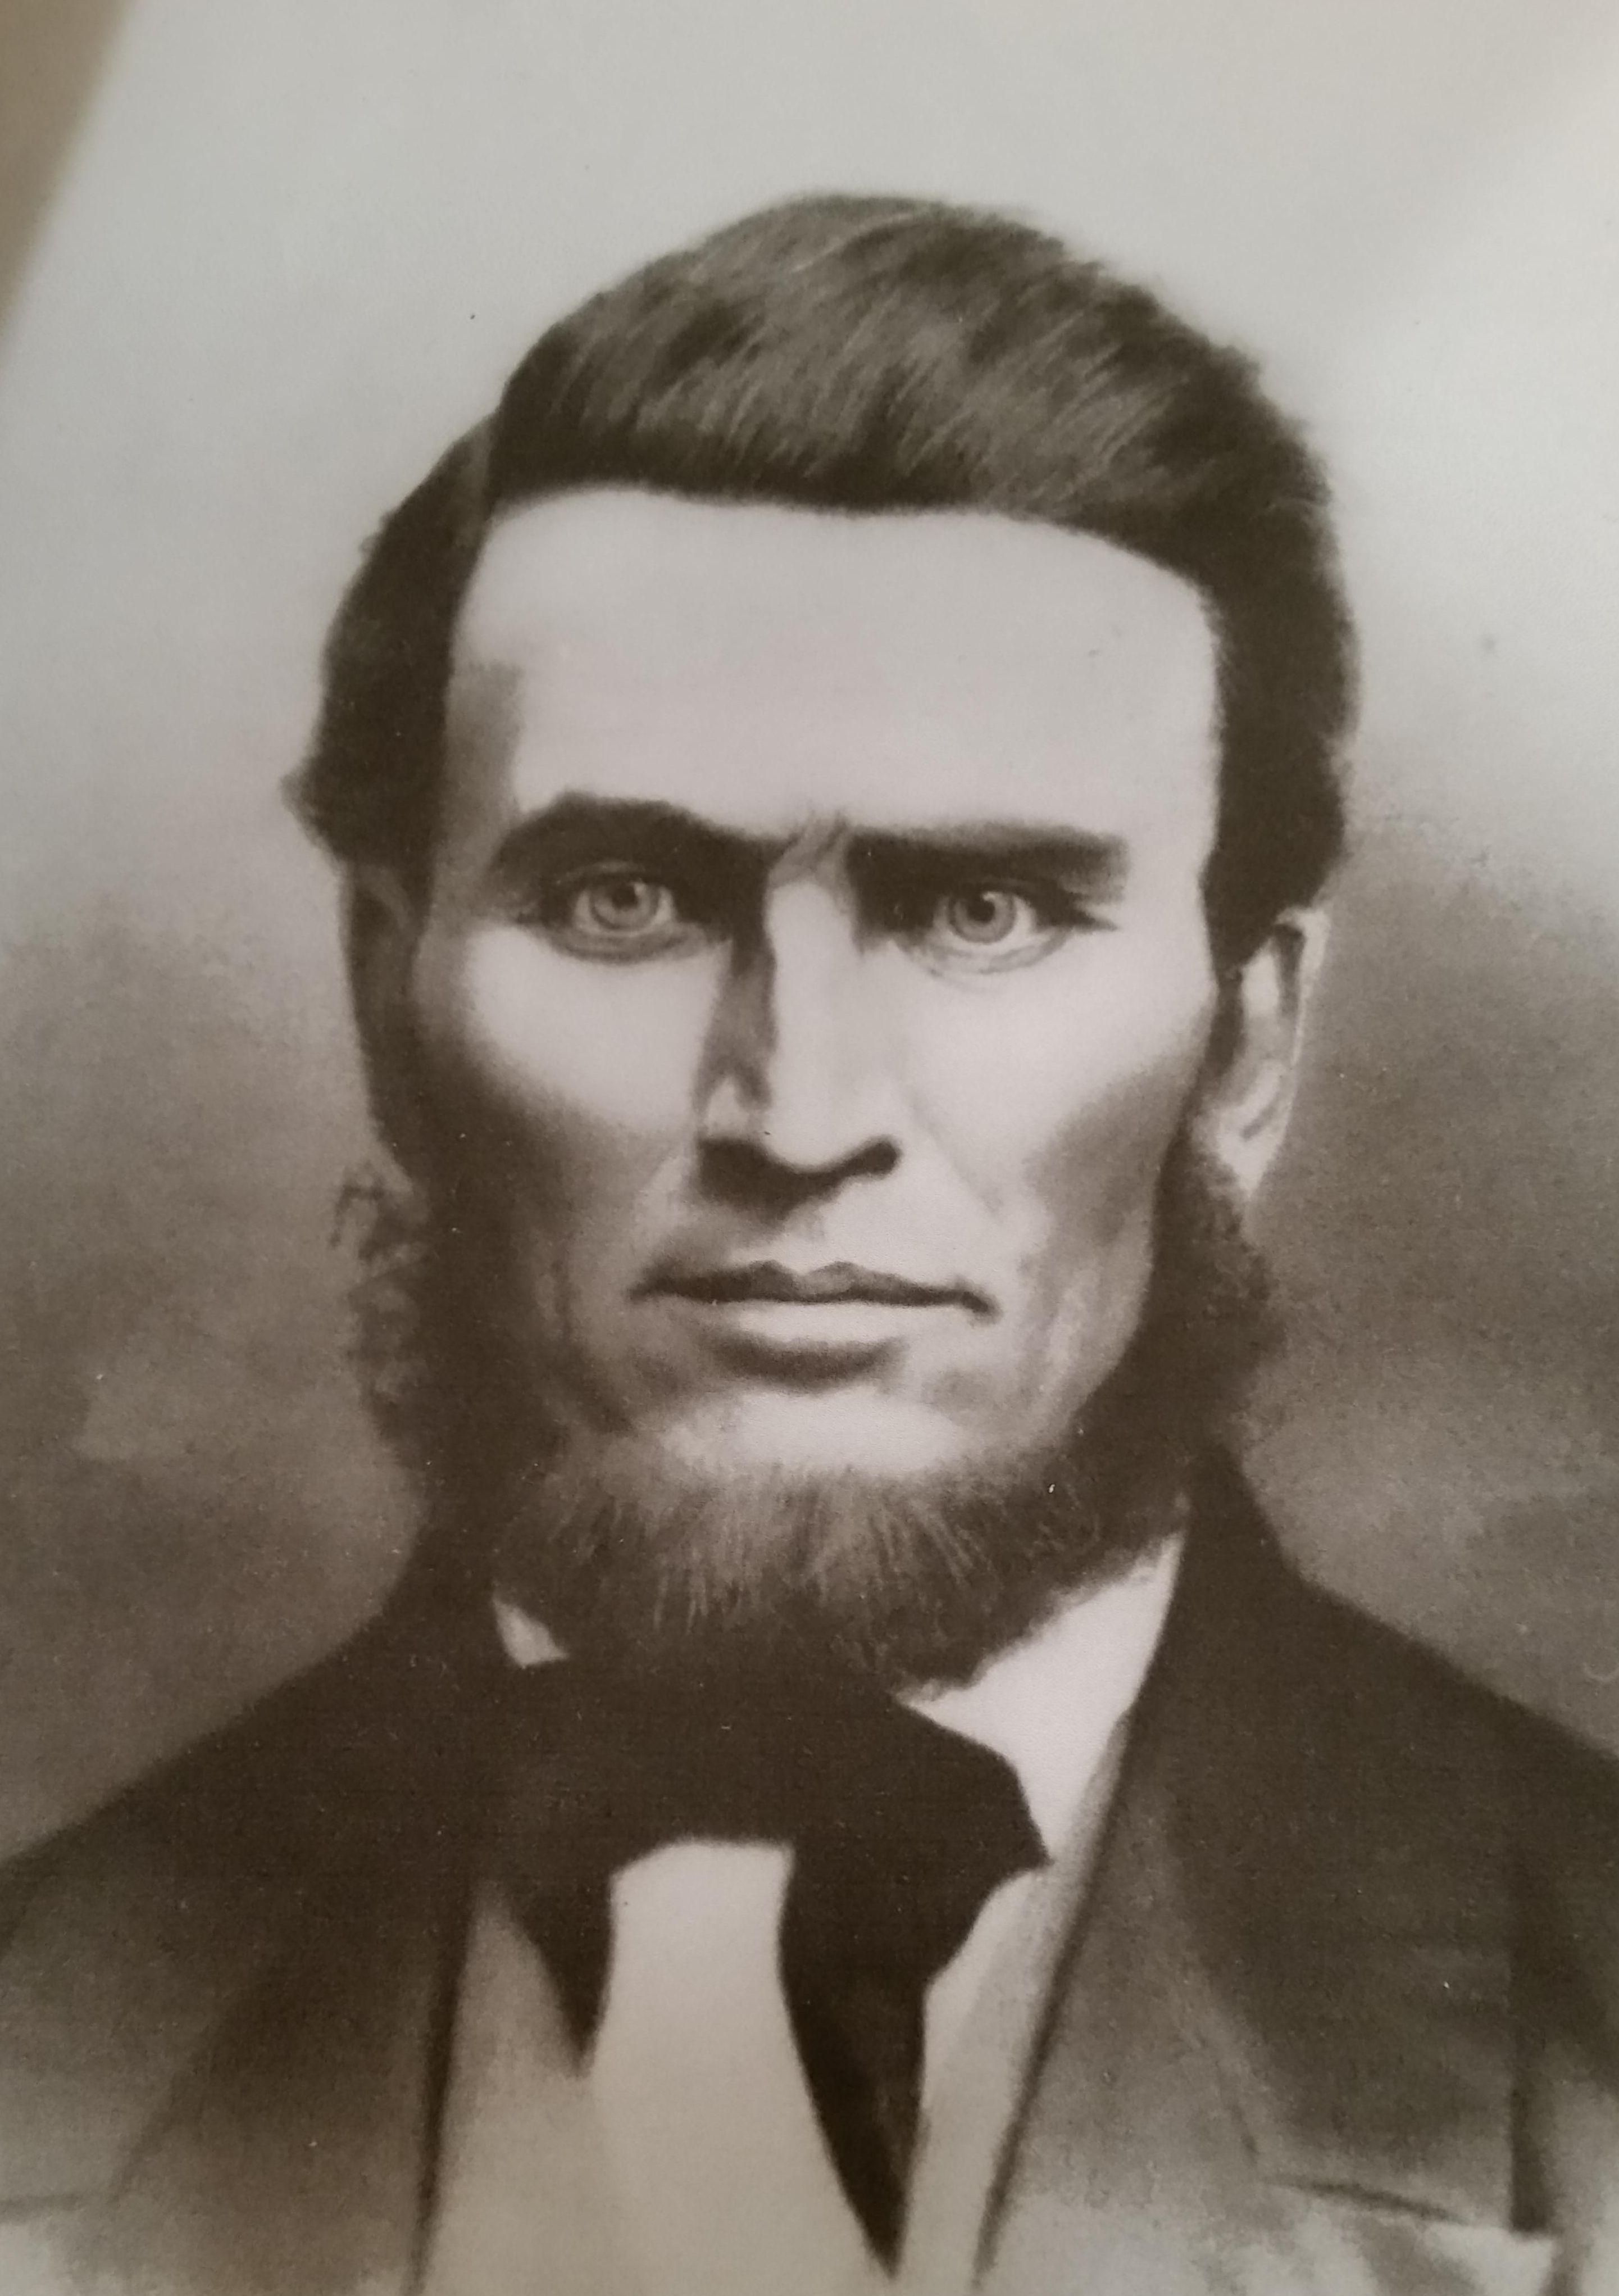 Young, Joseph Watson